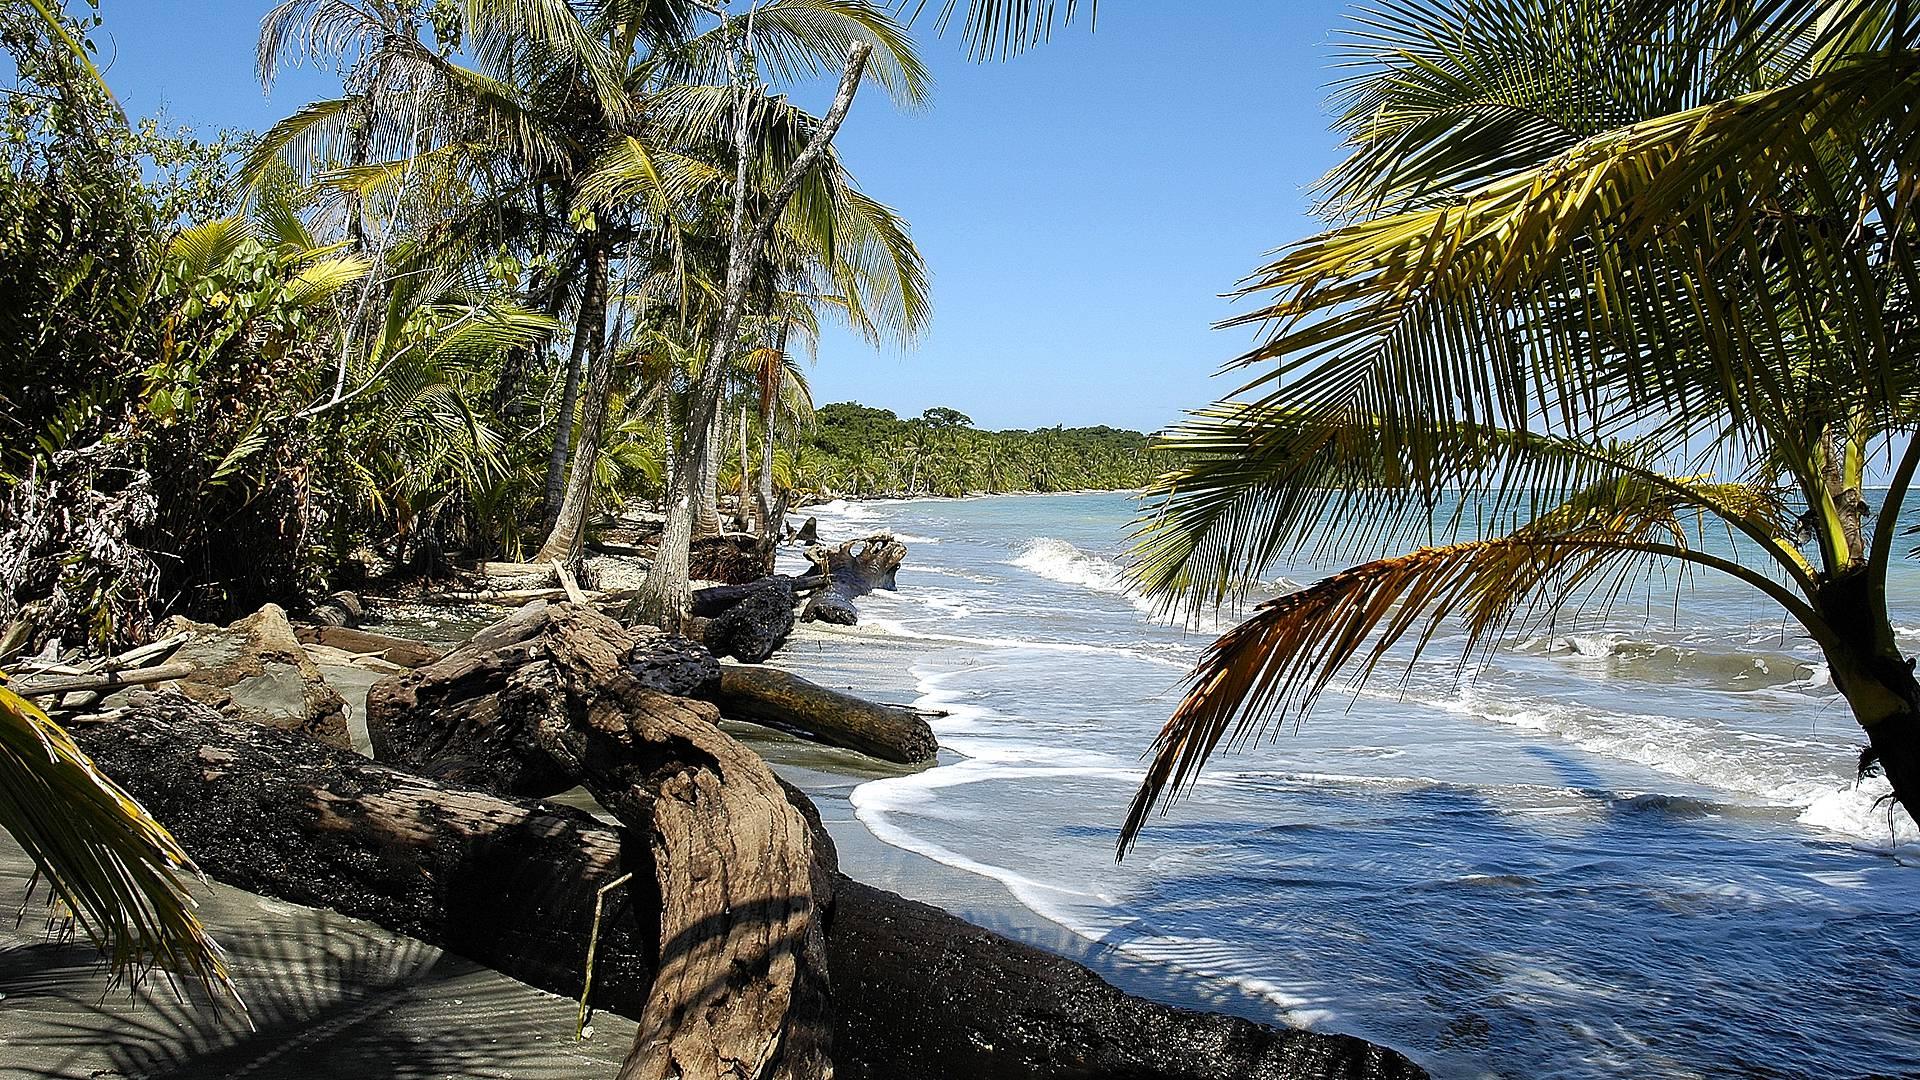 Entre jungle, plage et volcans : changements de rythmes et de décors